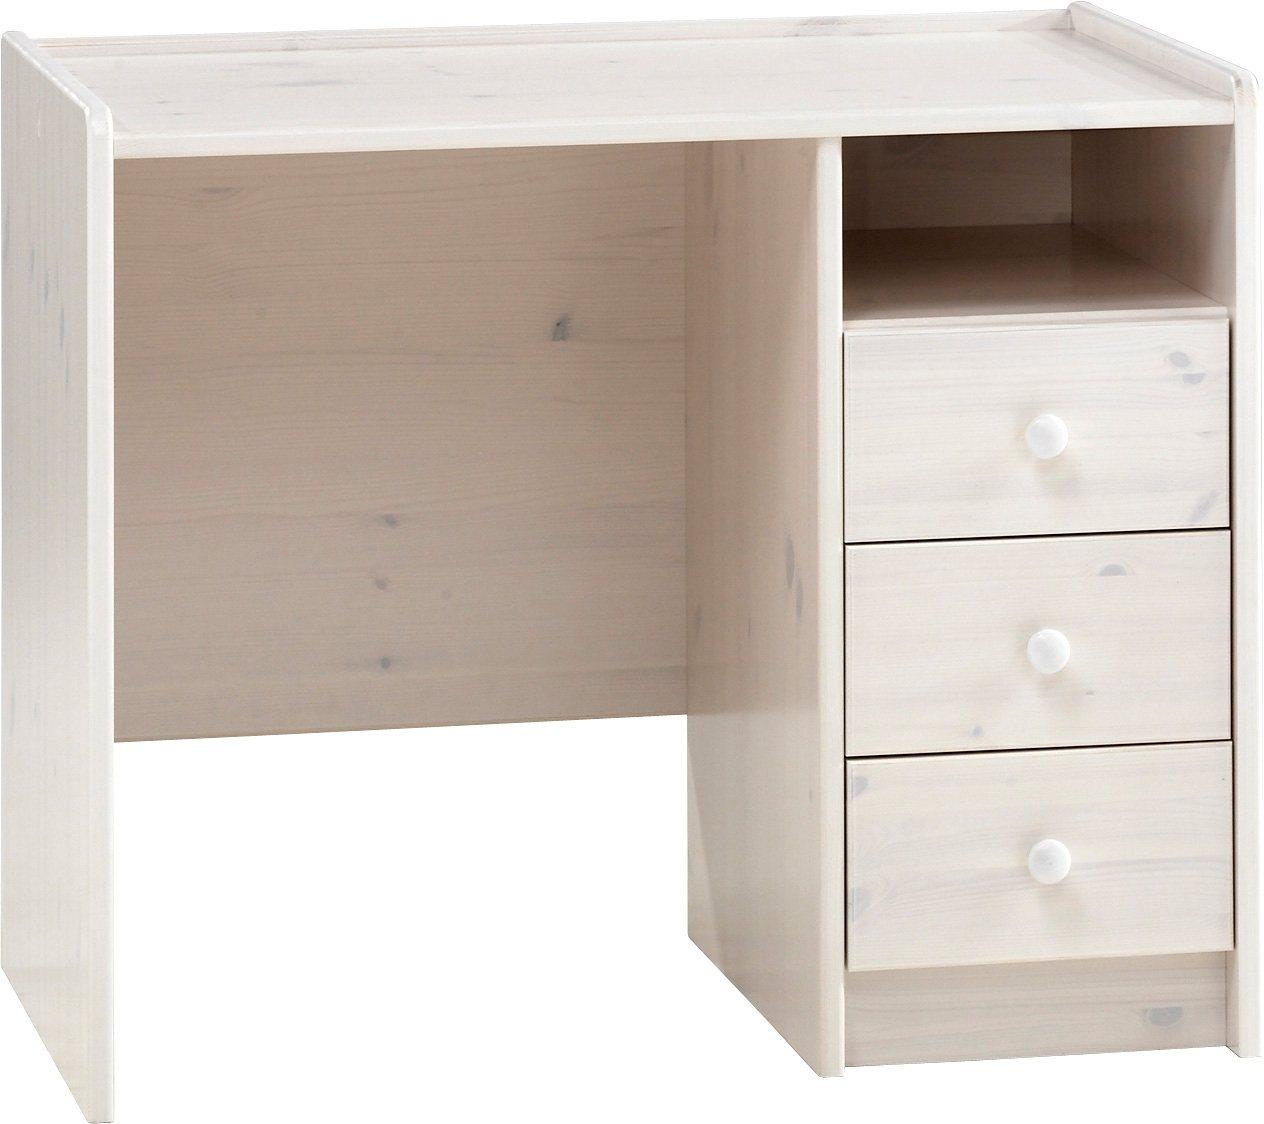 Schreibtisch, Home affaire | Büro > Bürotische > Schreibtische | Weiß | Massiver - Lackiert - Lasiert | Home affaire